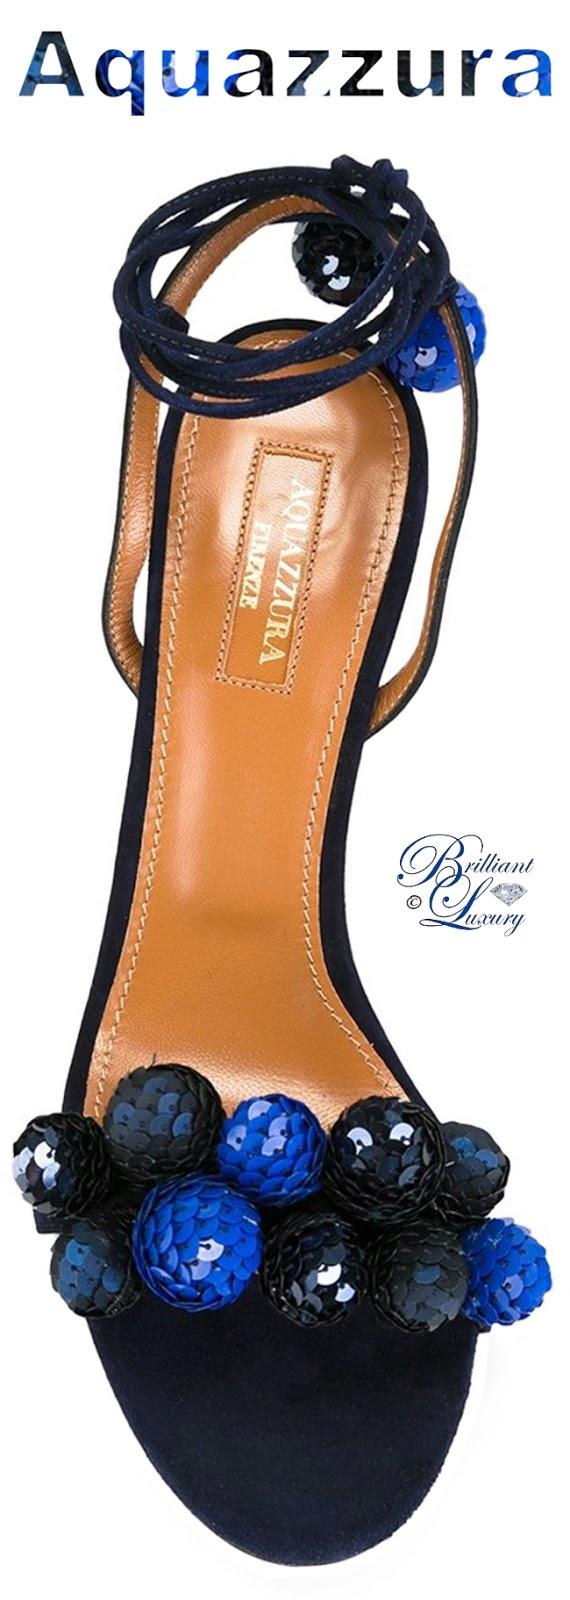 Brilliant Luxury ♦ Aquazzura Disco Thing Sandals